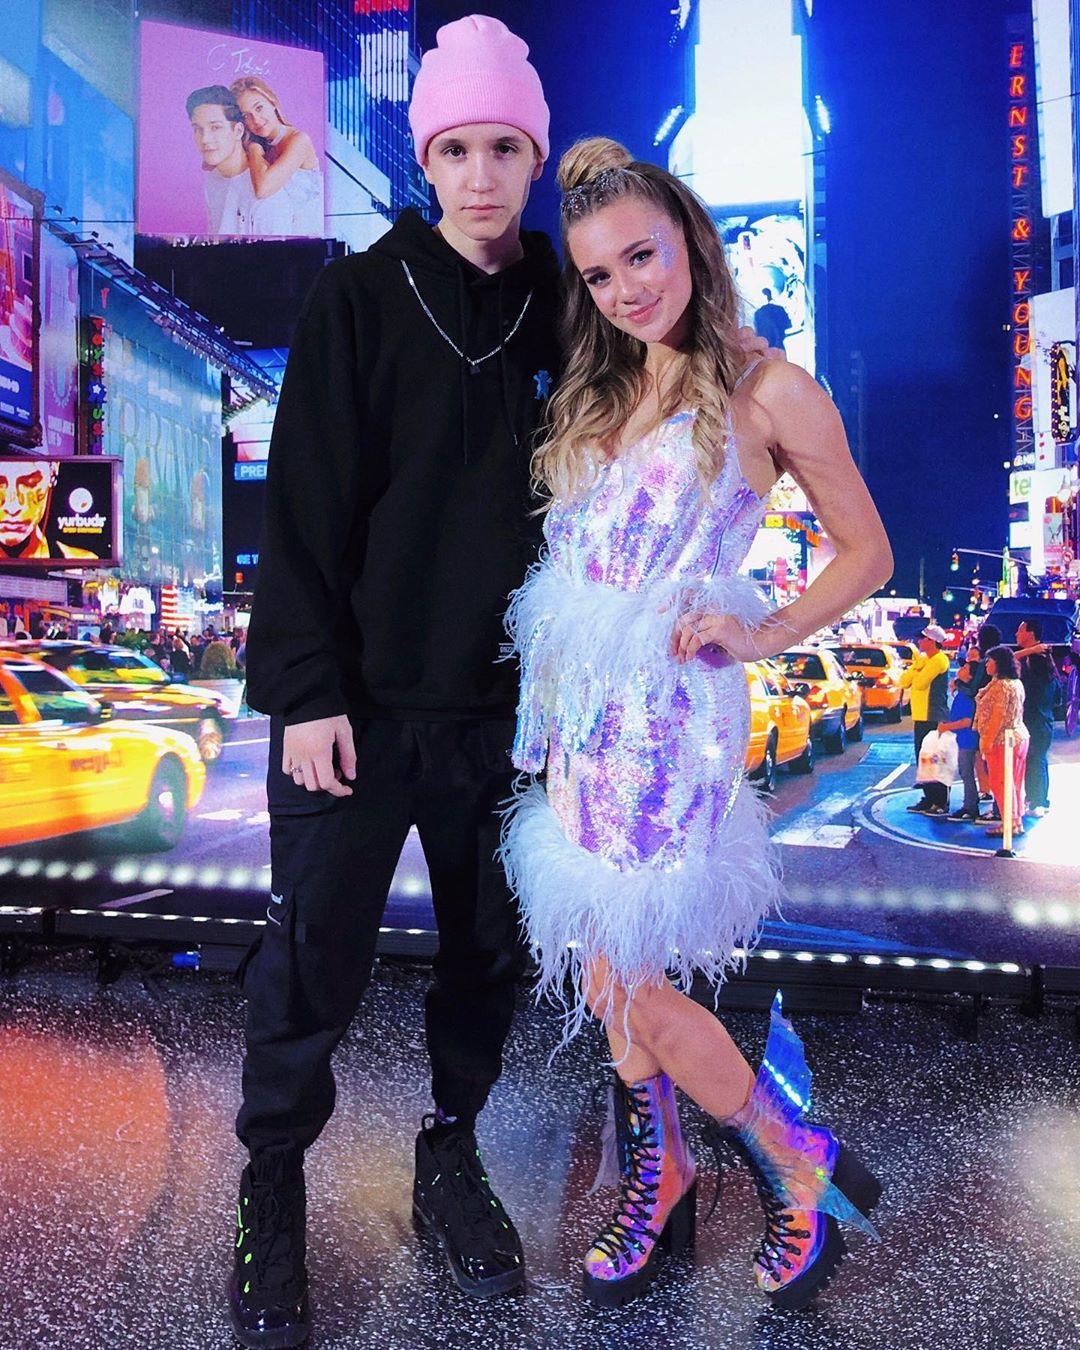 Миша Смирнов и Катя Адушкина выпустили совместную песню «Розы»